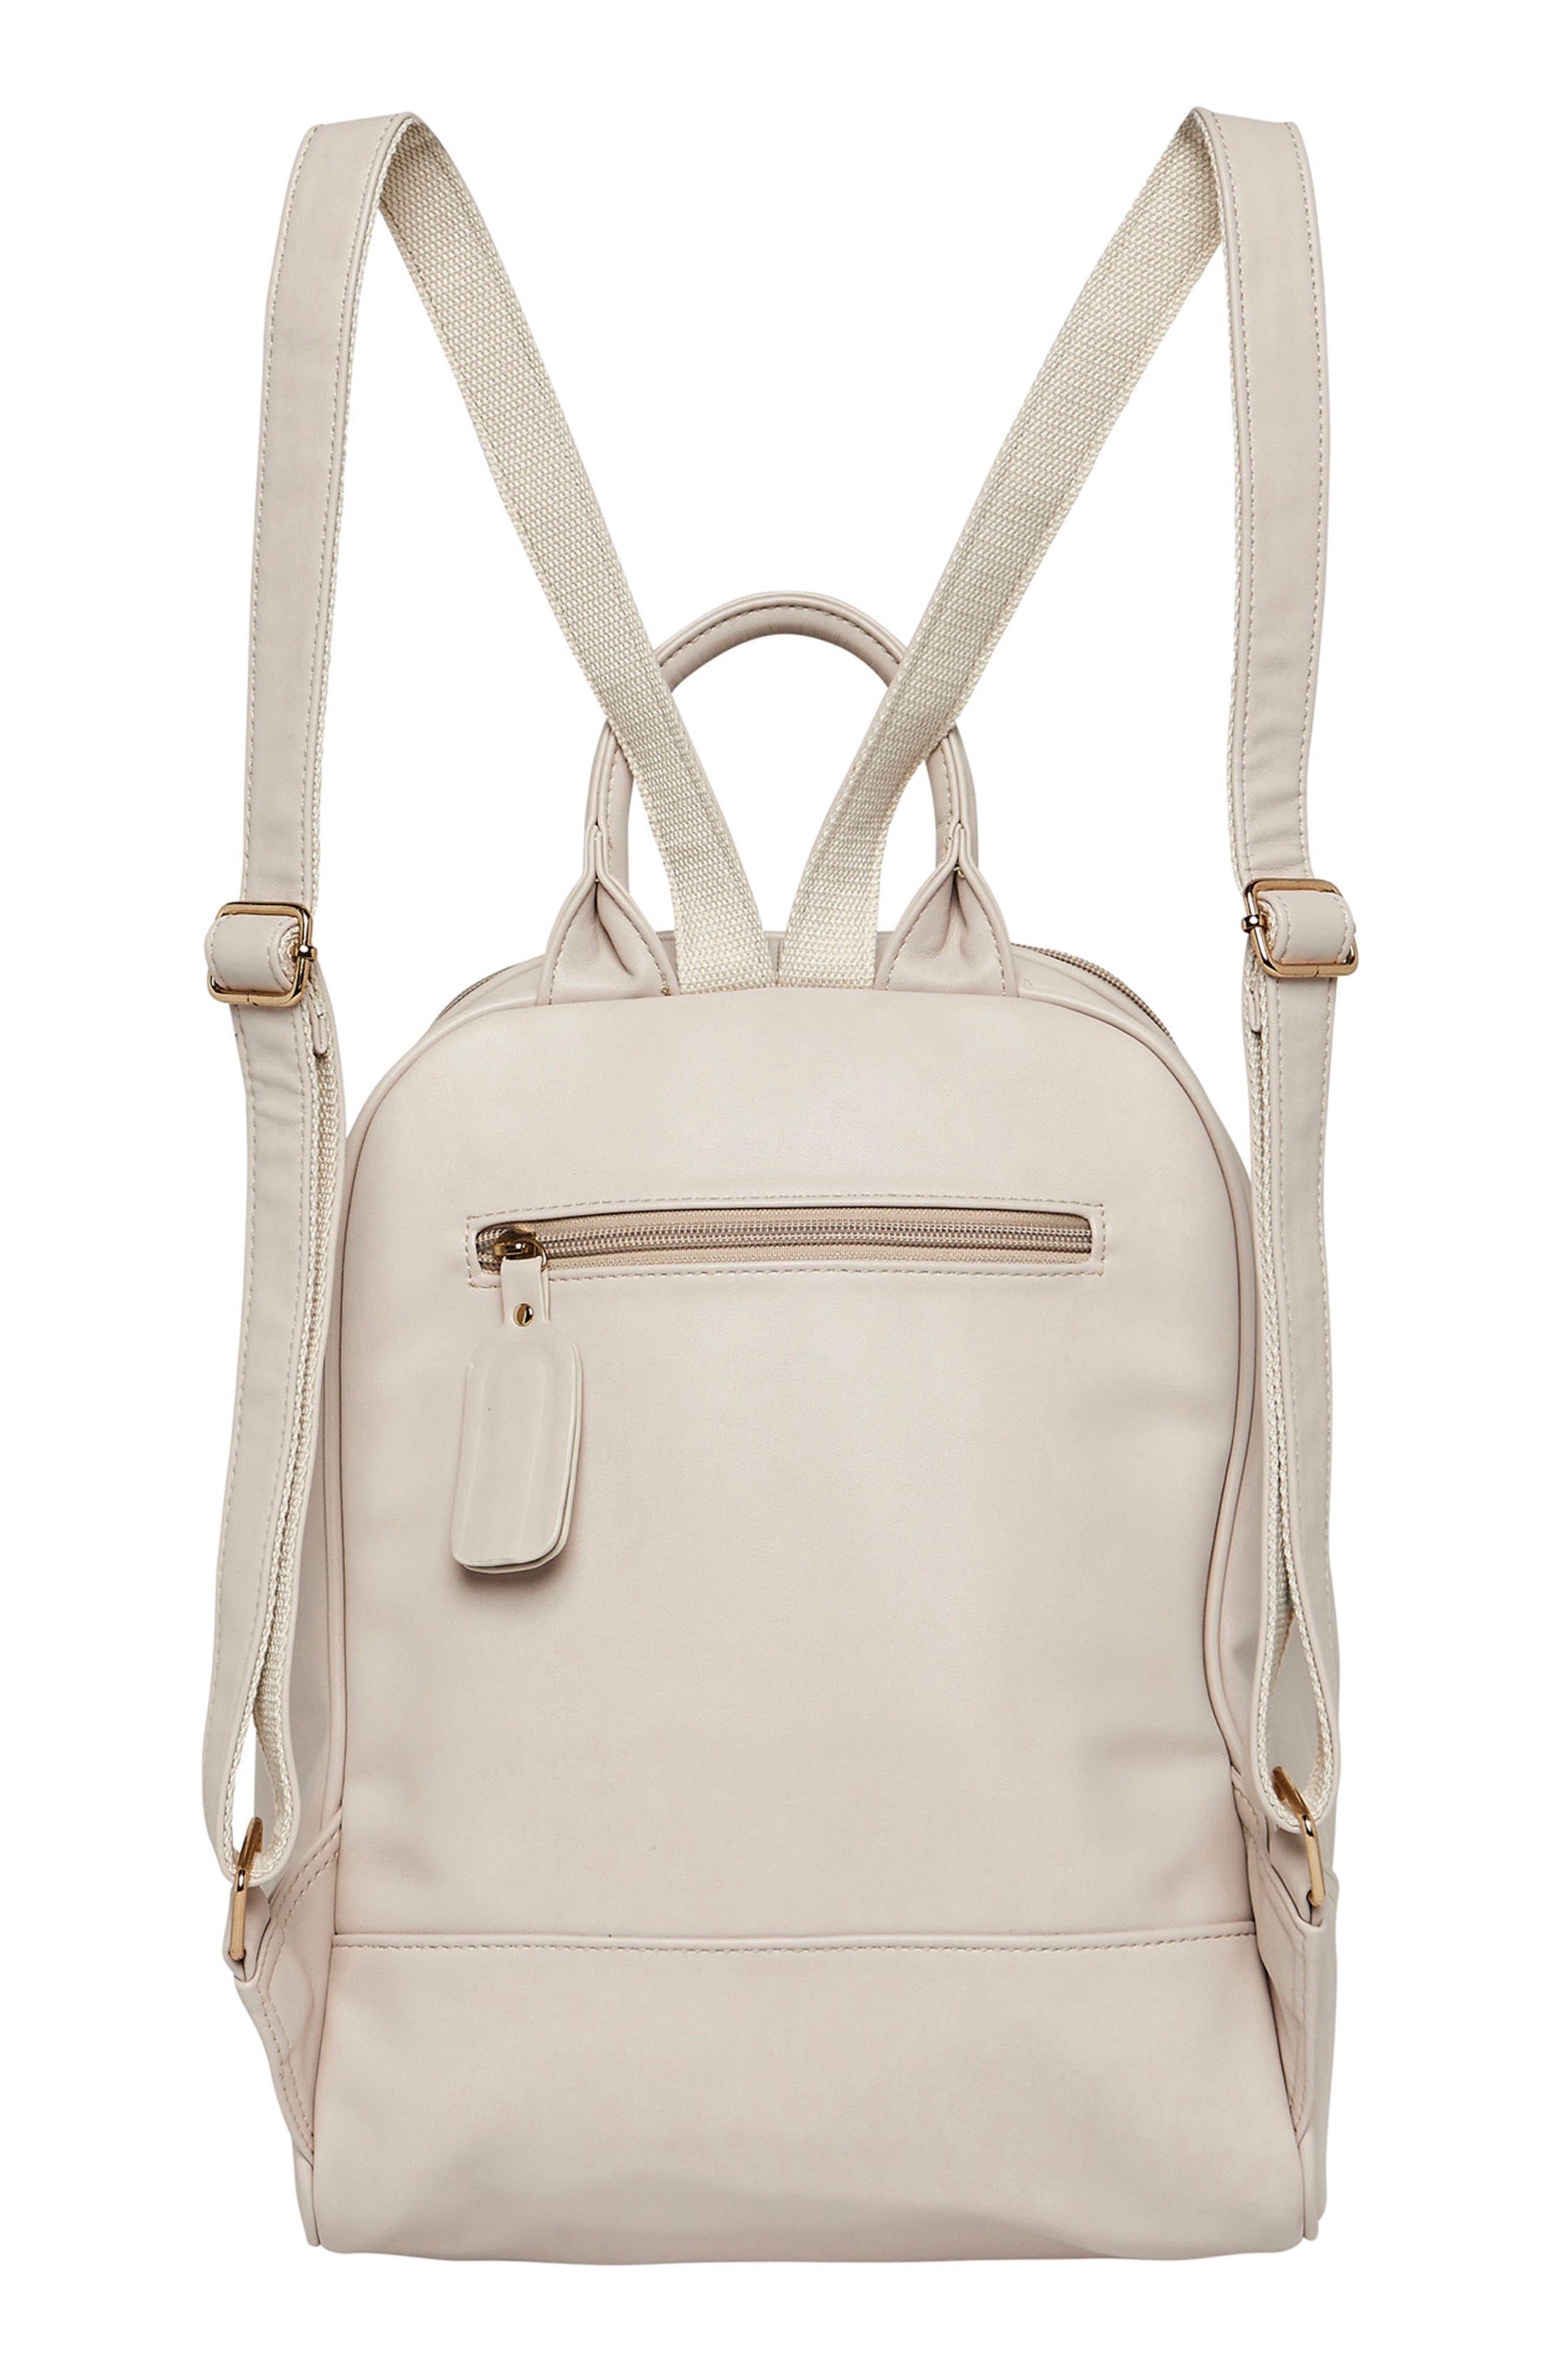 Evolution Vegan Leather Backpack,                             Alternate thumbnail 2, color,                             White